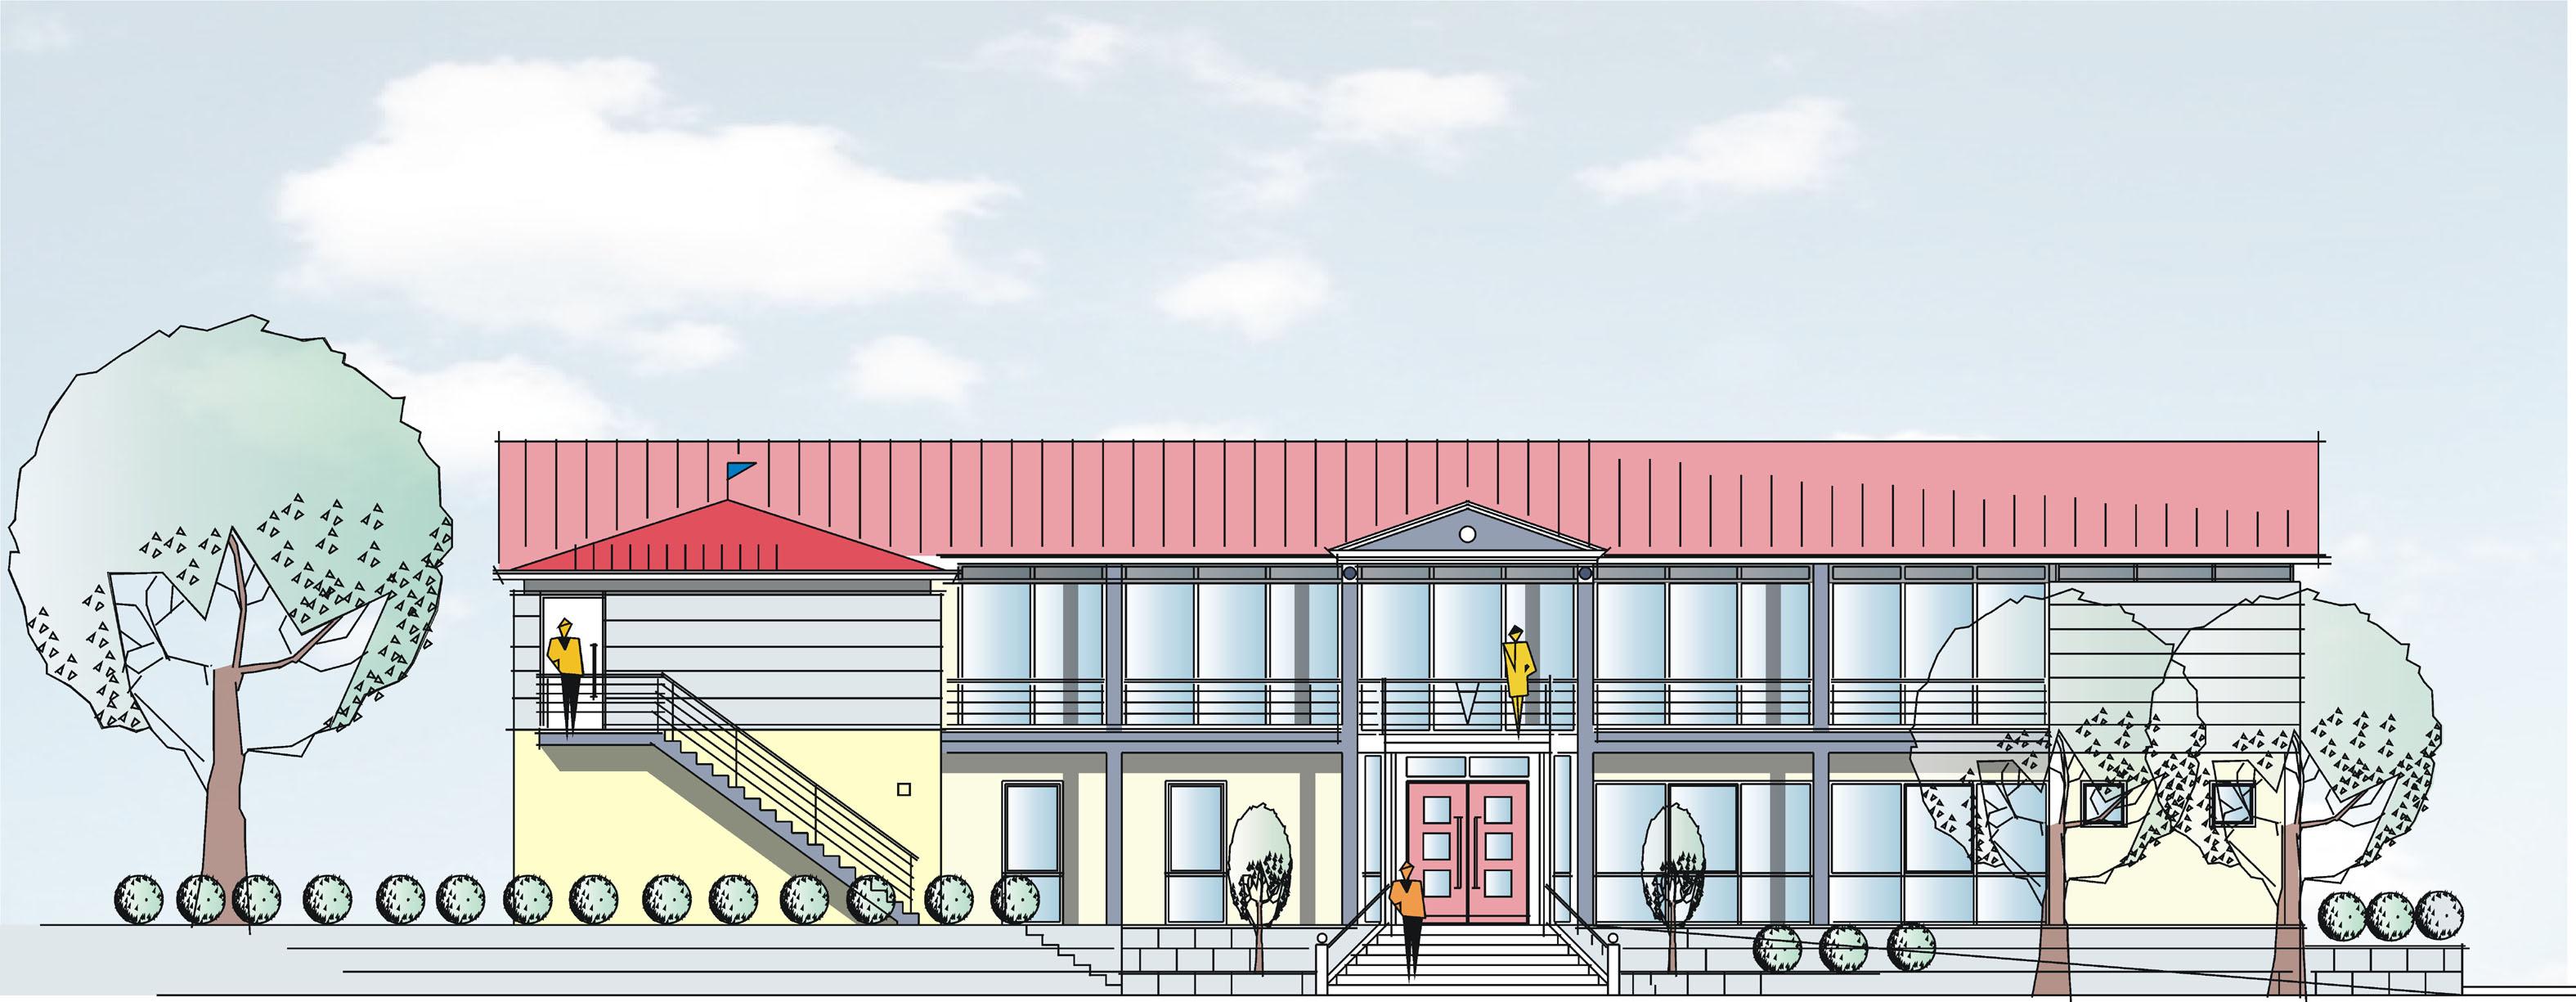 architekten heidelberg perfect hage architektur with. Black Bedroom Furniture Sets. Home Design Ideas